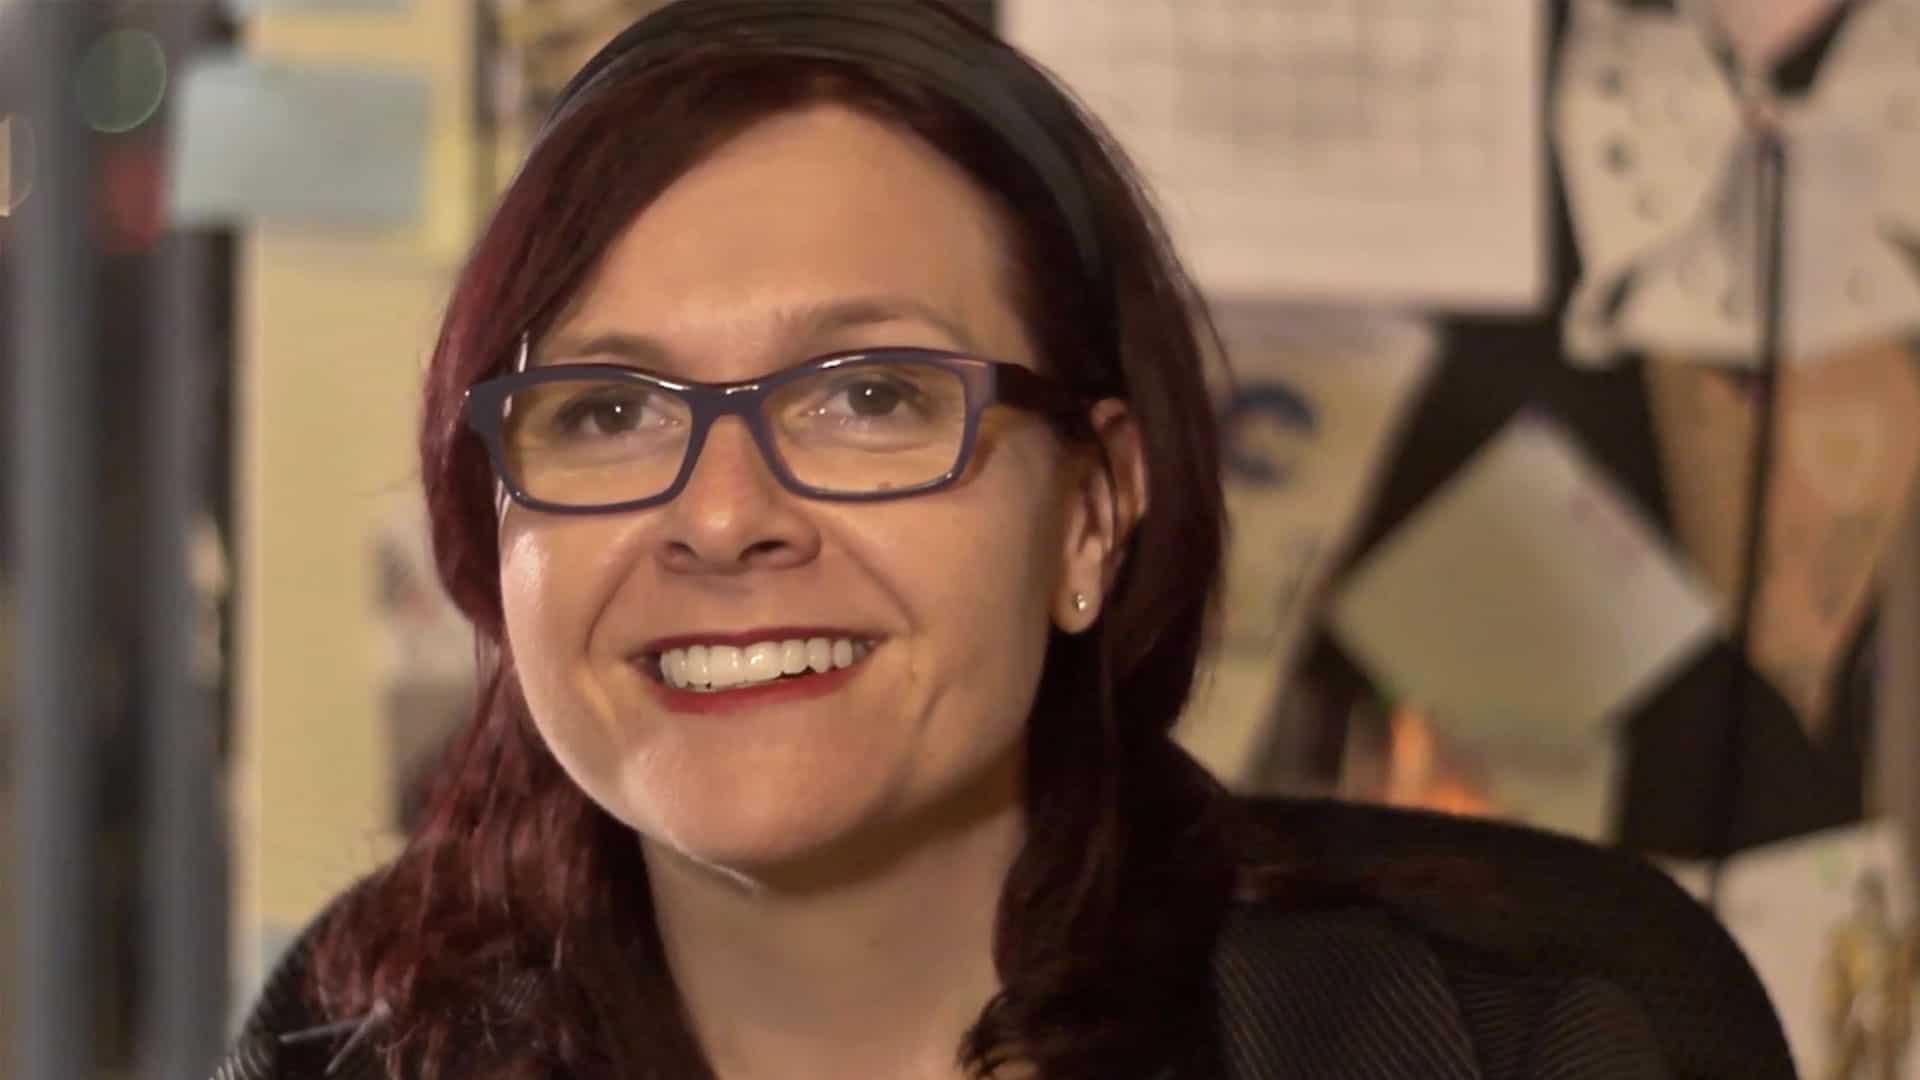 Alicen Catron Schneider